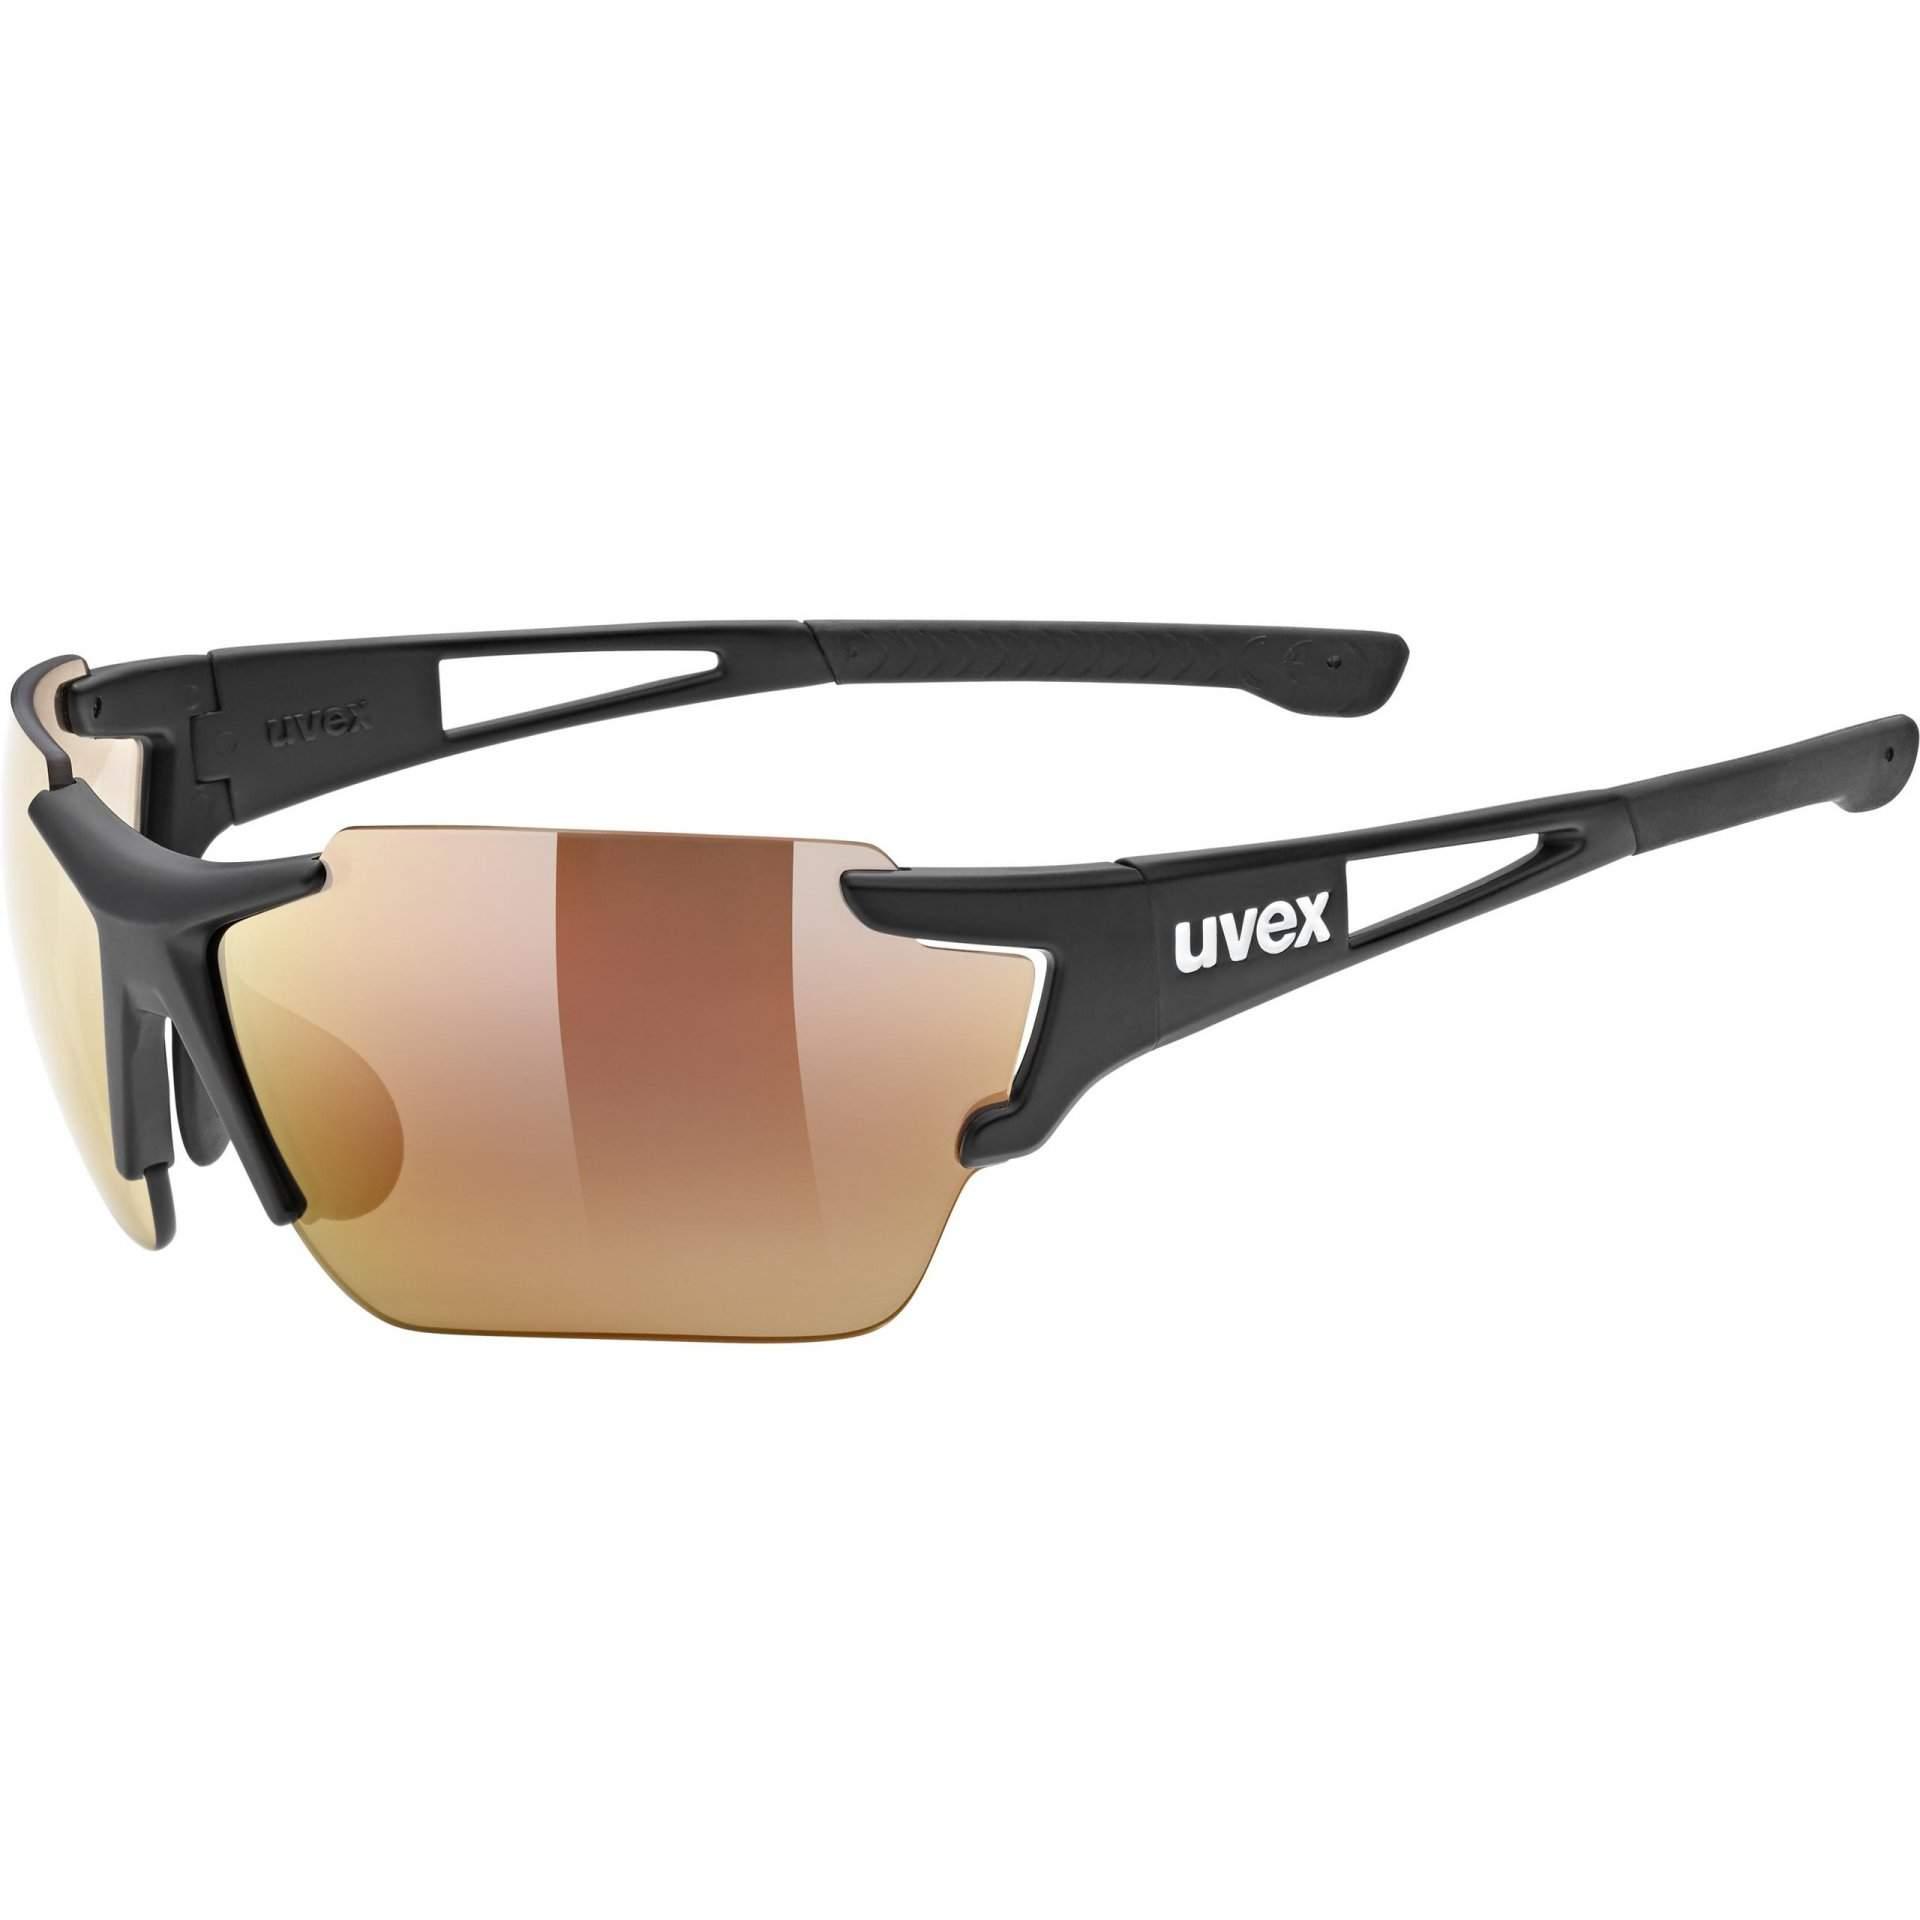 OKULARY UVEX SPORTSTYLE 803 53 3 041 2206 RACE CV V BLACK MAT